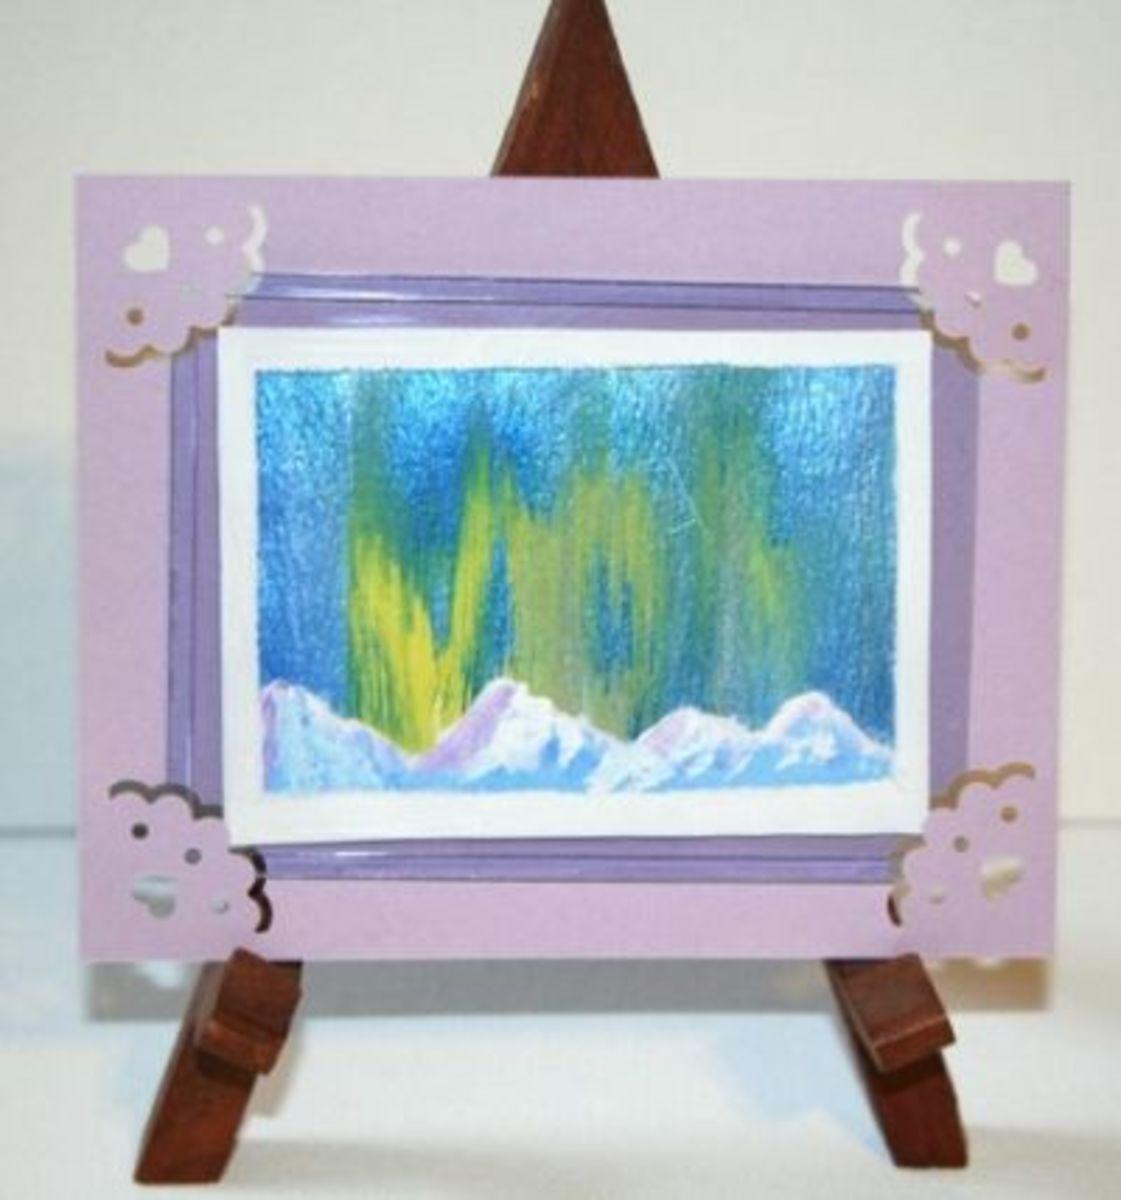 Framed on an easel